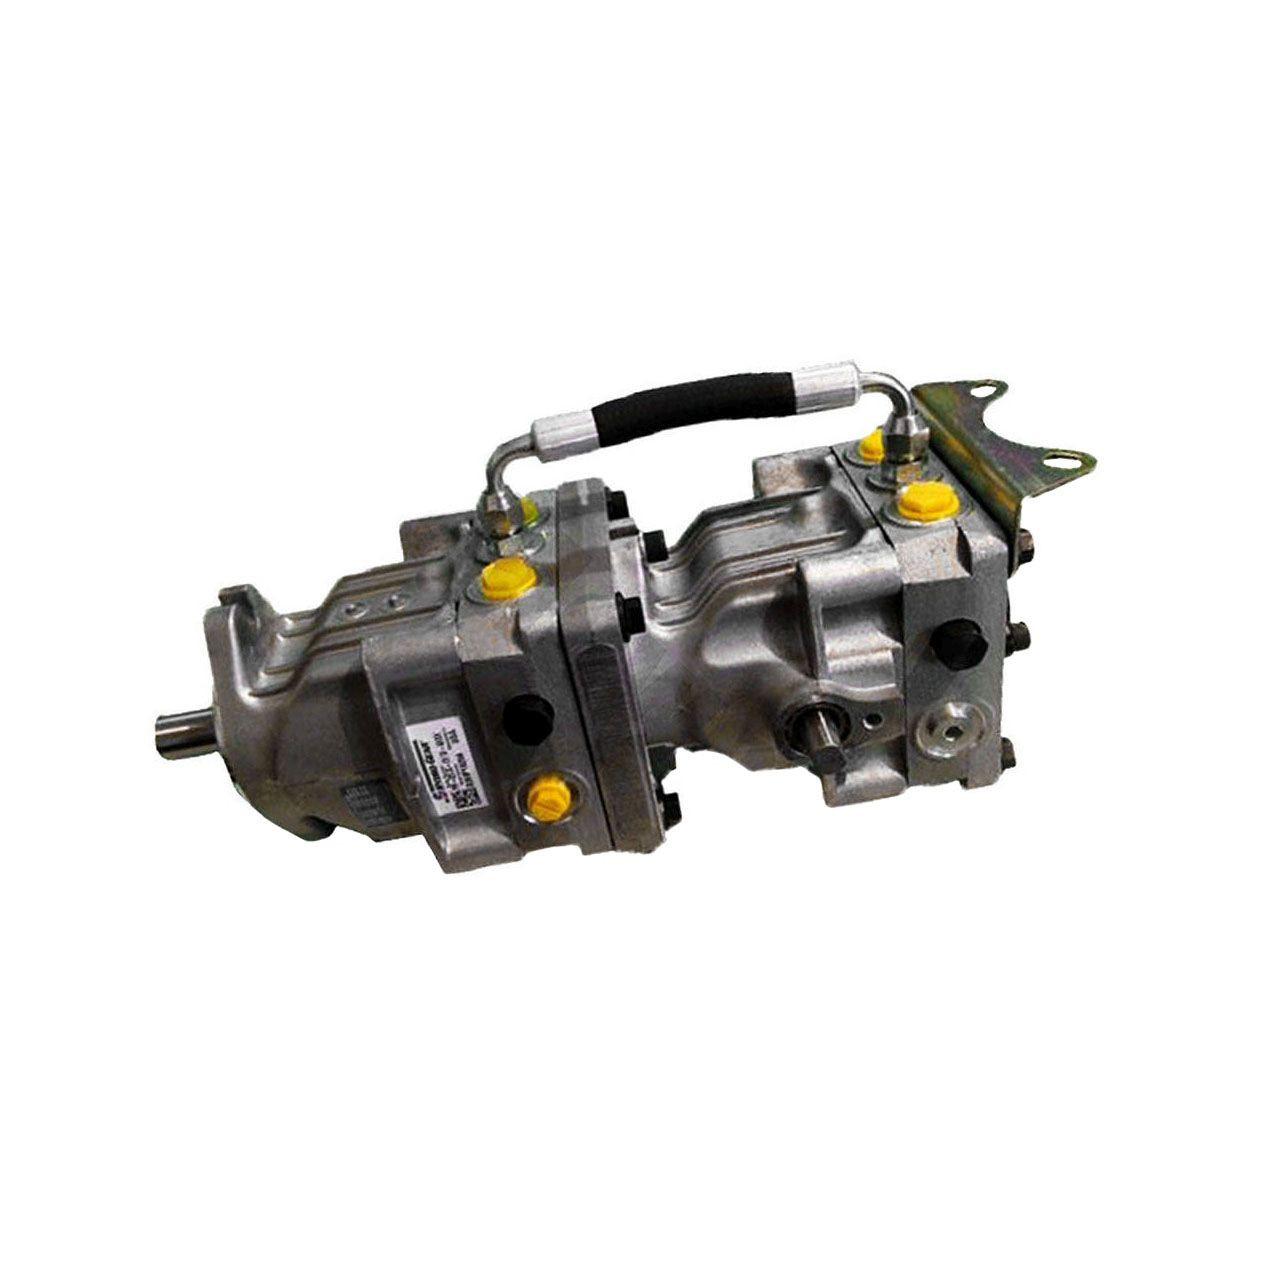 Hydro Gear TC-ECCY-CCCY-E4BX - Pump Hydraulic Tandem - Image 1